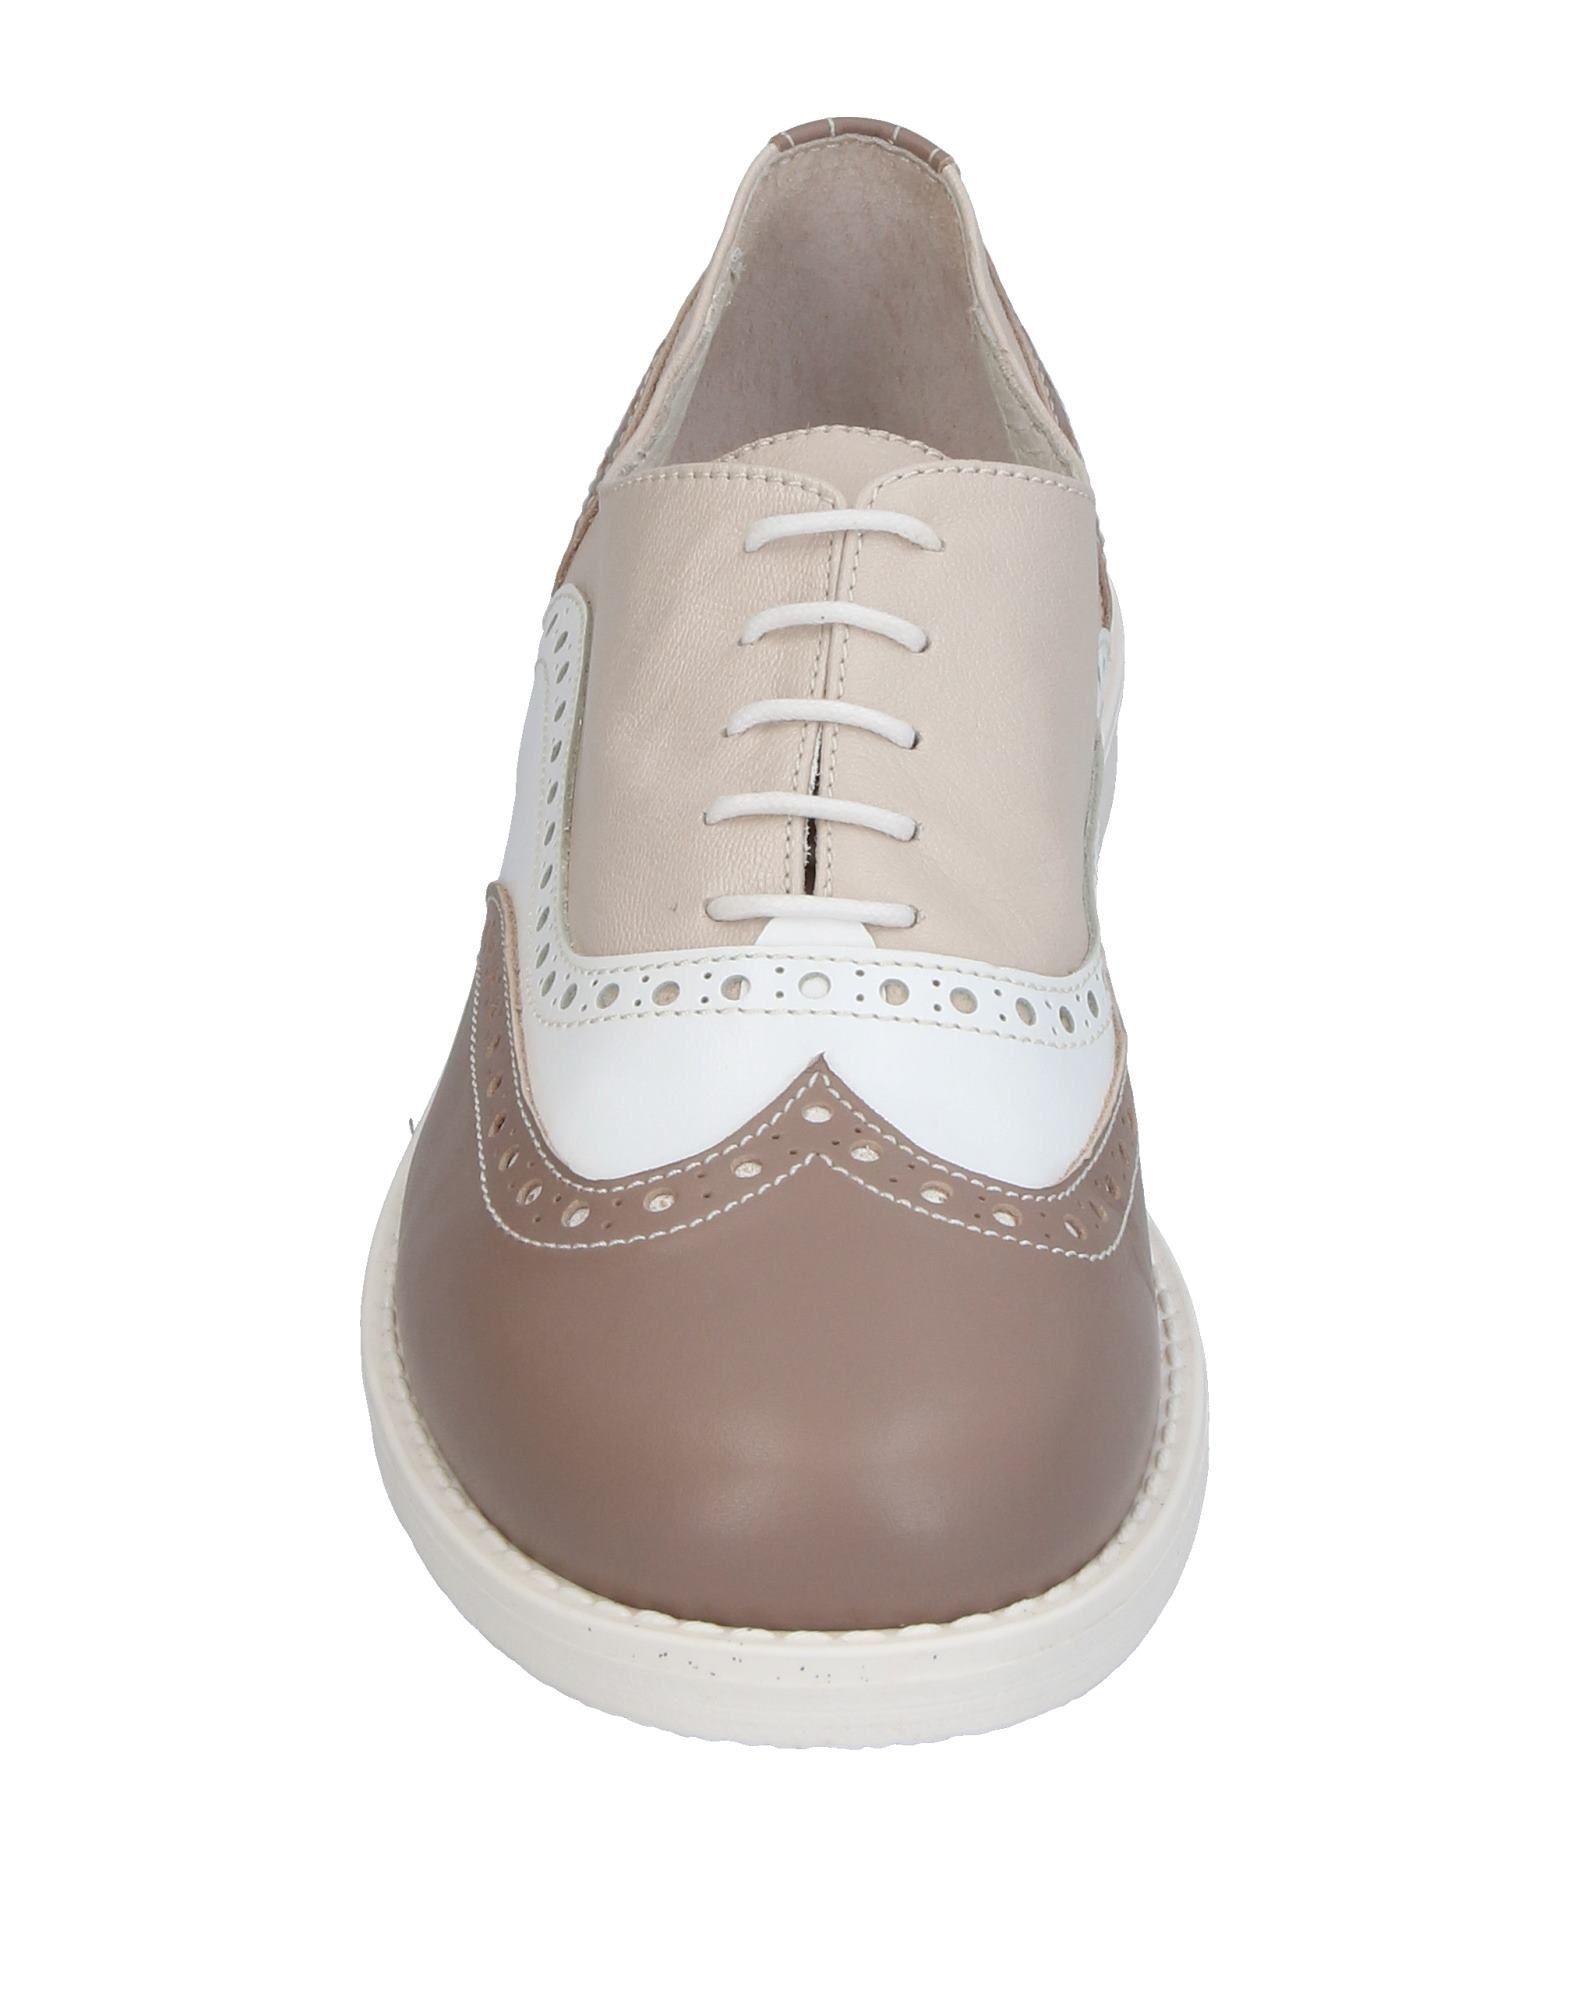 CHAUSSURES - Chaussures à lacetsStele nGo5mrKgh